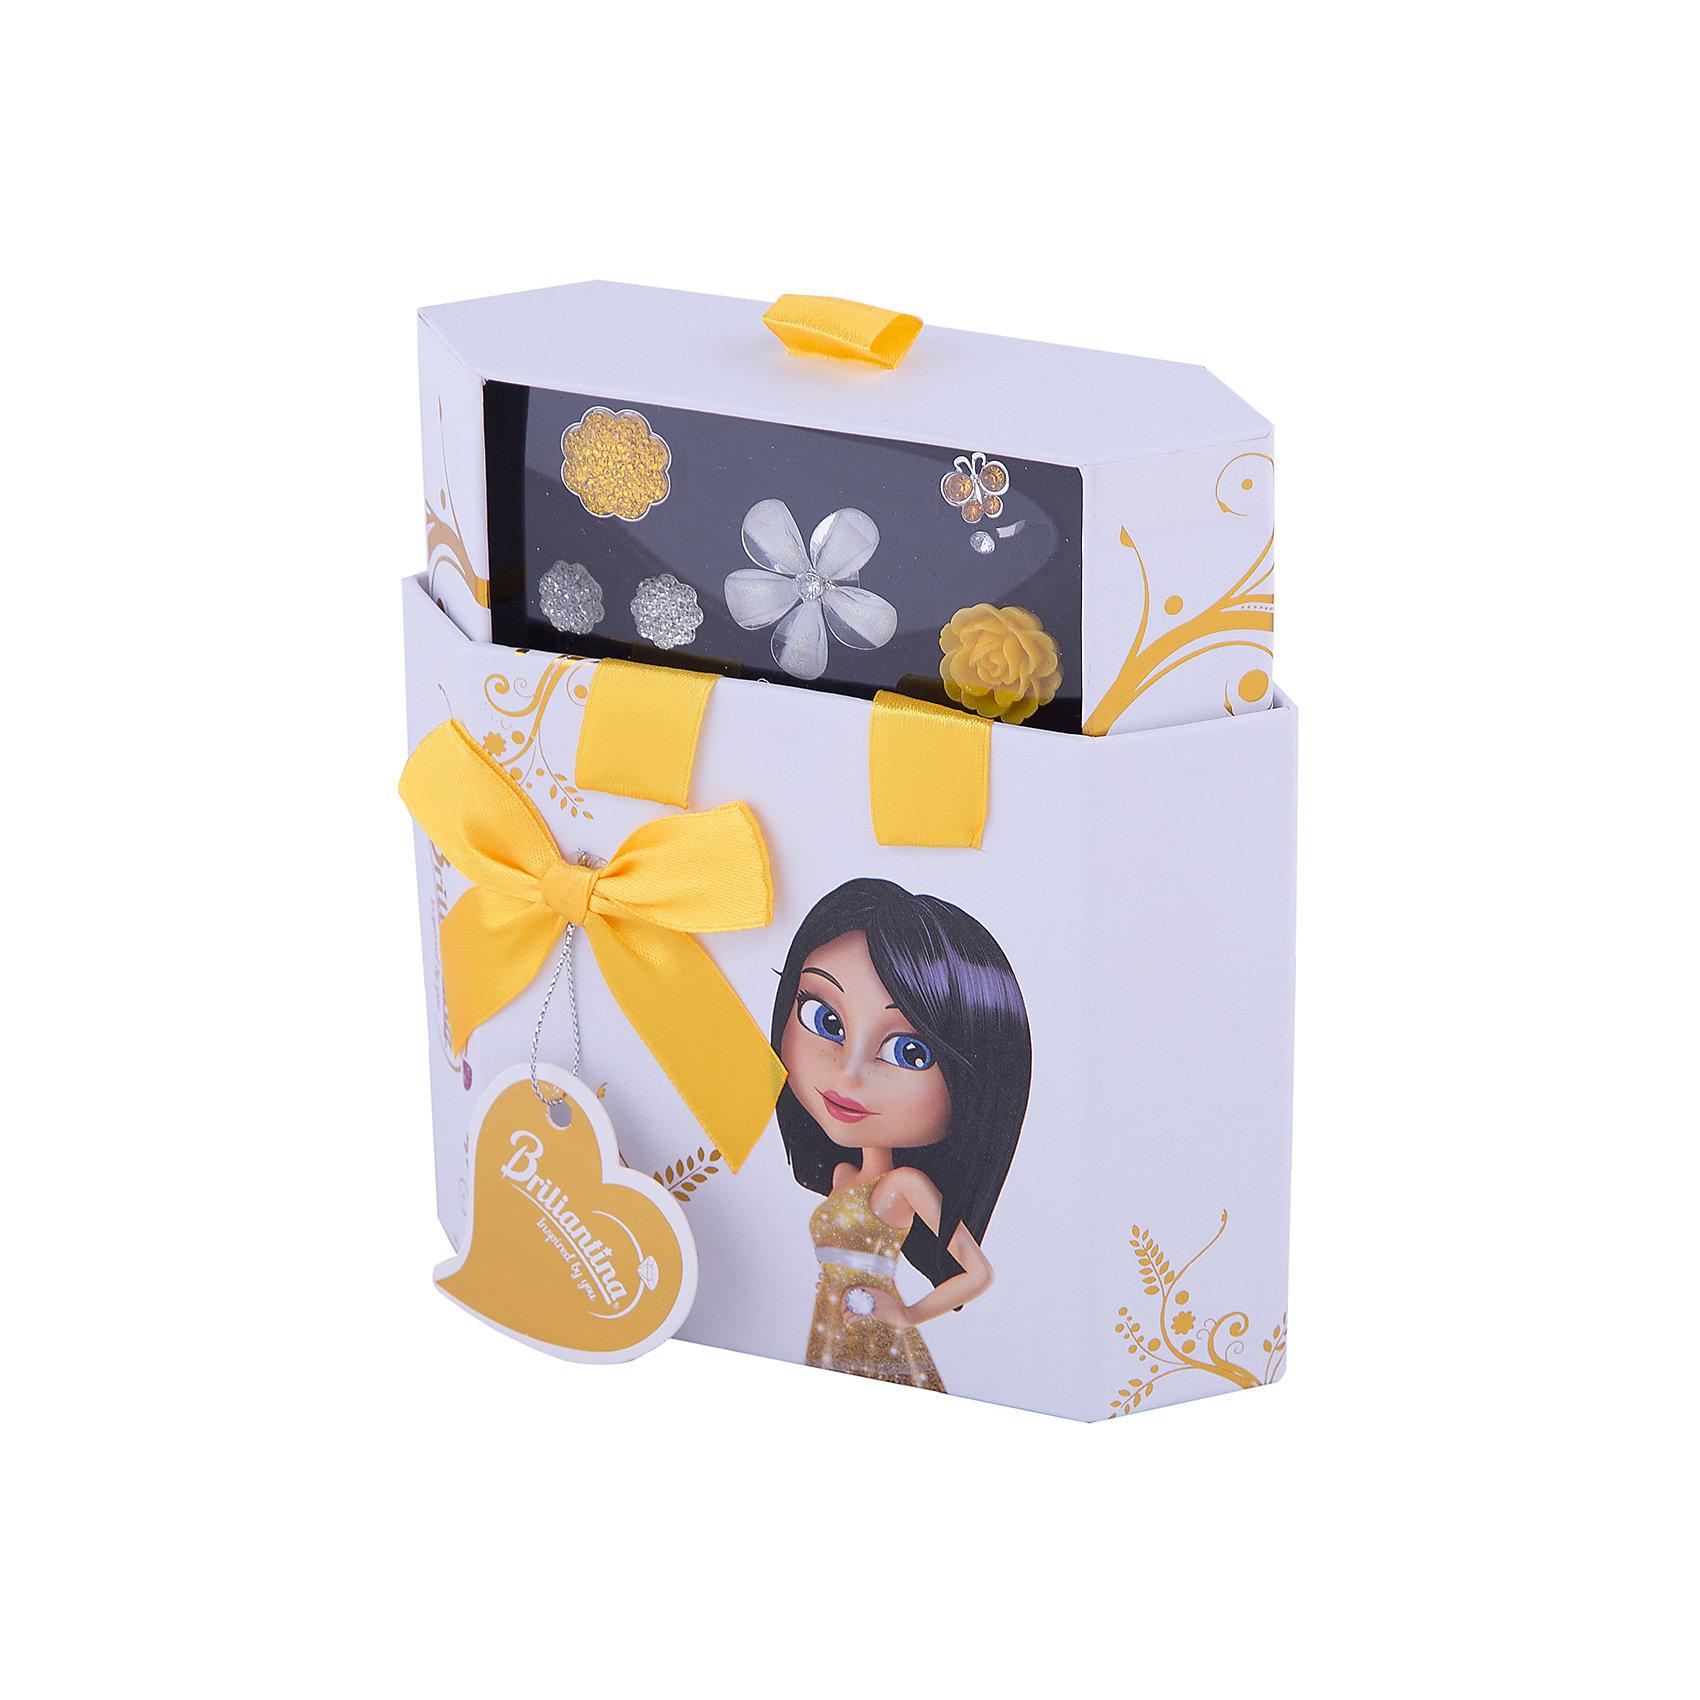 Шкатулка (цвет: золотой), BriliantinaРукоделие<br>Характеристики:<br><br>• Вид игрушек: детская бижутерия<br>• Пол: для девочки<br>• Серия: Hex Box<br>• Материал: металл, пластик<br>• Цвет: серебристый, золотой<br>• Размер кольца: универсальный<br>• Комплектация: 2 кольца серии Uno, 2 кольца серии Excelent, серьги, футляр<br>• Размер упаковки(Д*Ш*В): 15,5*5,5*17 см<br>• Вес: 160 г<br>• Упаковка: футляр <br>• Допускается сухая и влажная чистка<br><br>Шкатулка (цвет: золотой), Briliantina из коллекции детской бижутерии, которая создается в рамках творческого проекта совместно с детьми. Торговый бренд принадлежит чешскому производителю Briliantina. Корпус украшений изготавливается из сплава хрома и никеля, который не вызывает аллергии, не окисляется, обладает легким весом, при этом достаточно прочный. В качестве декоративных элементов используются стразы, кристаллы, которые надежно закреплены в изделии. Диаметр колец от Briliantina регулируется. <br><br>Набор состоит из 4 колец и пары сережек, которые сочетаются между собой. Комплект упакован в футляр, в нем предусмотрены дополнительные отделения для других украшений. Использование детской бижутерии научит правильно подбирать украшения в зависимости от выбранного образа, сочетать их между собой, что будет способствовать формированию индивидуального стиля вашей девочки.<br><br>Шкатулка (цвет: золотой), Briliantina станет идеальным подарком для девочки к любому празднику.<br><br>Шкатулку (цвет: золотой), Briliantina можно купить в нашем интернет-магазине.<br><br>Ширина мм: 155<br>Глубина мм: 55<br>Высота мм: 170<br>Вес г: 160<br>Возраст от месяцев: 36<br>Возраст до месяцев: 84<br>Пол: Женский<br>Возраст: Детский<br>SKU: 5418931